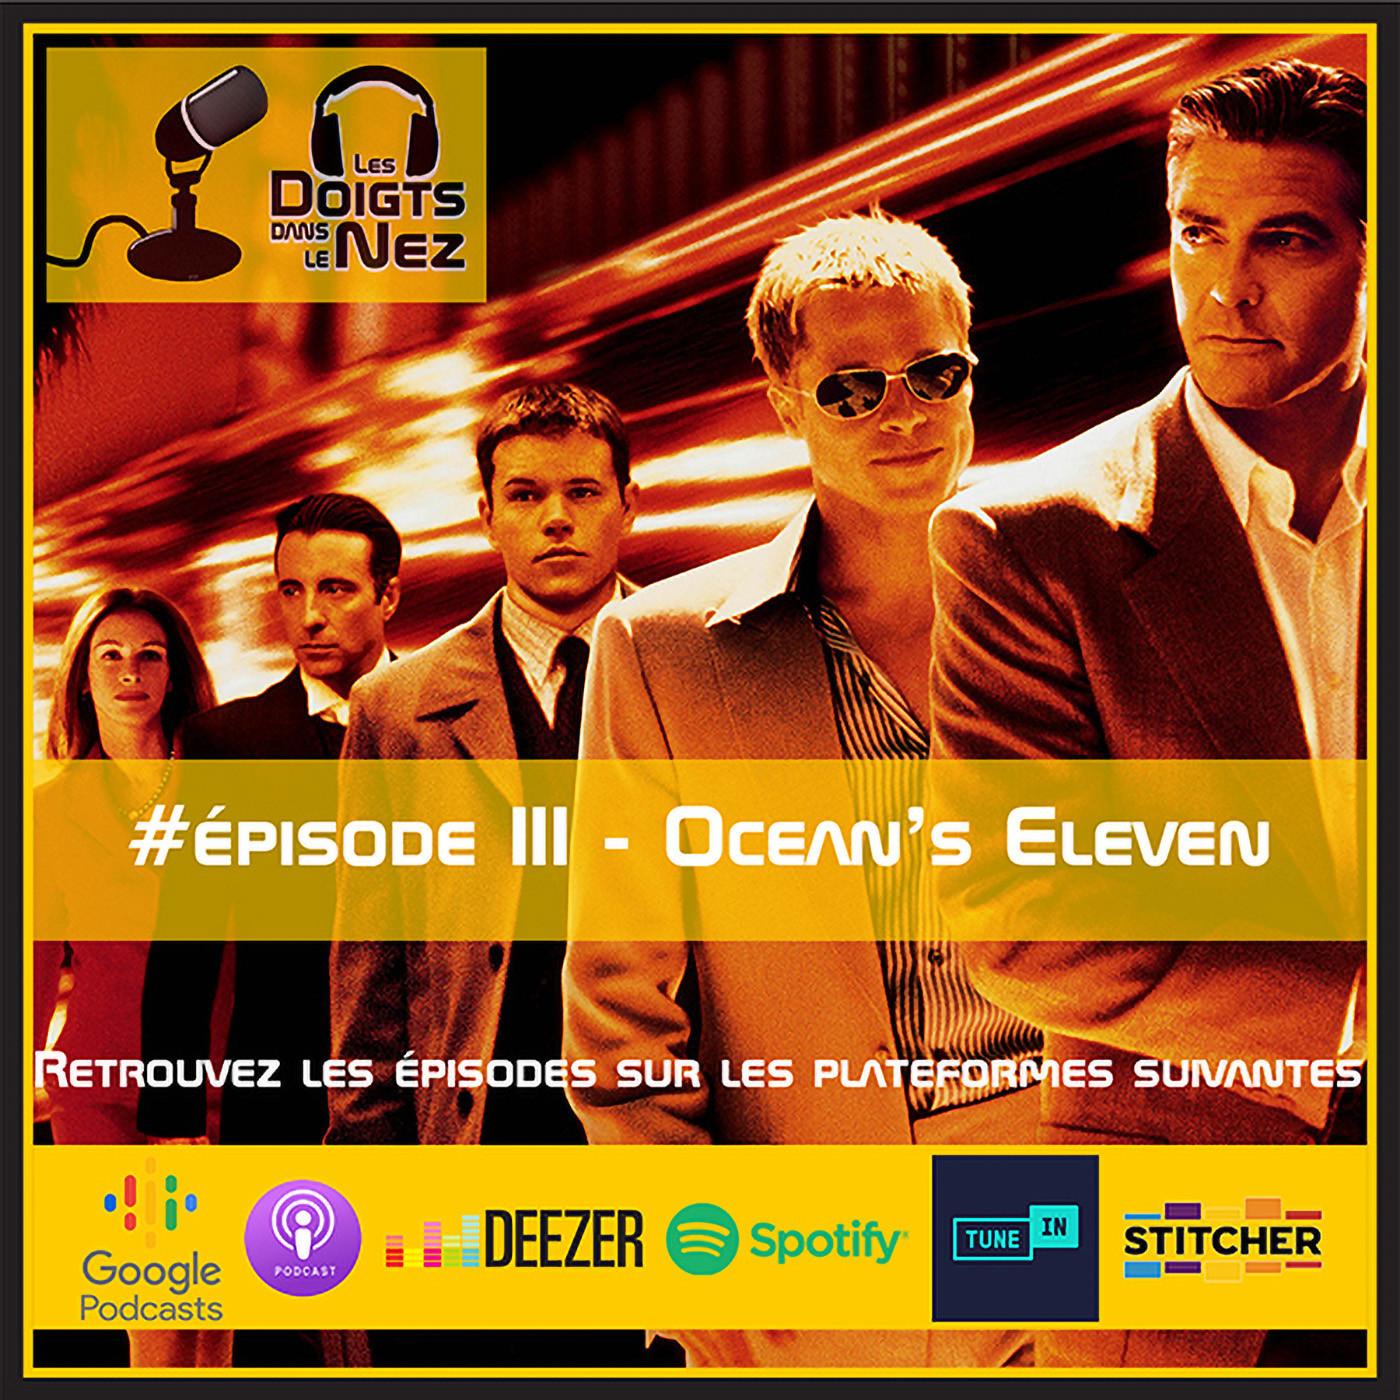 #Episode III - Ocean's Eleven